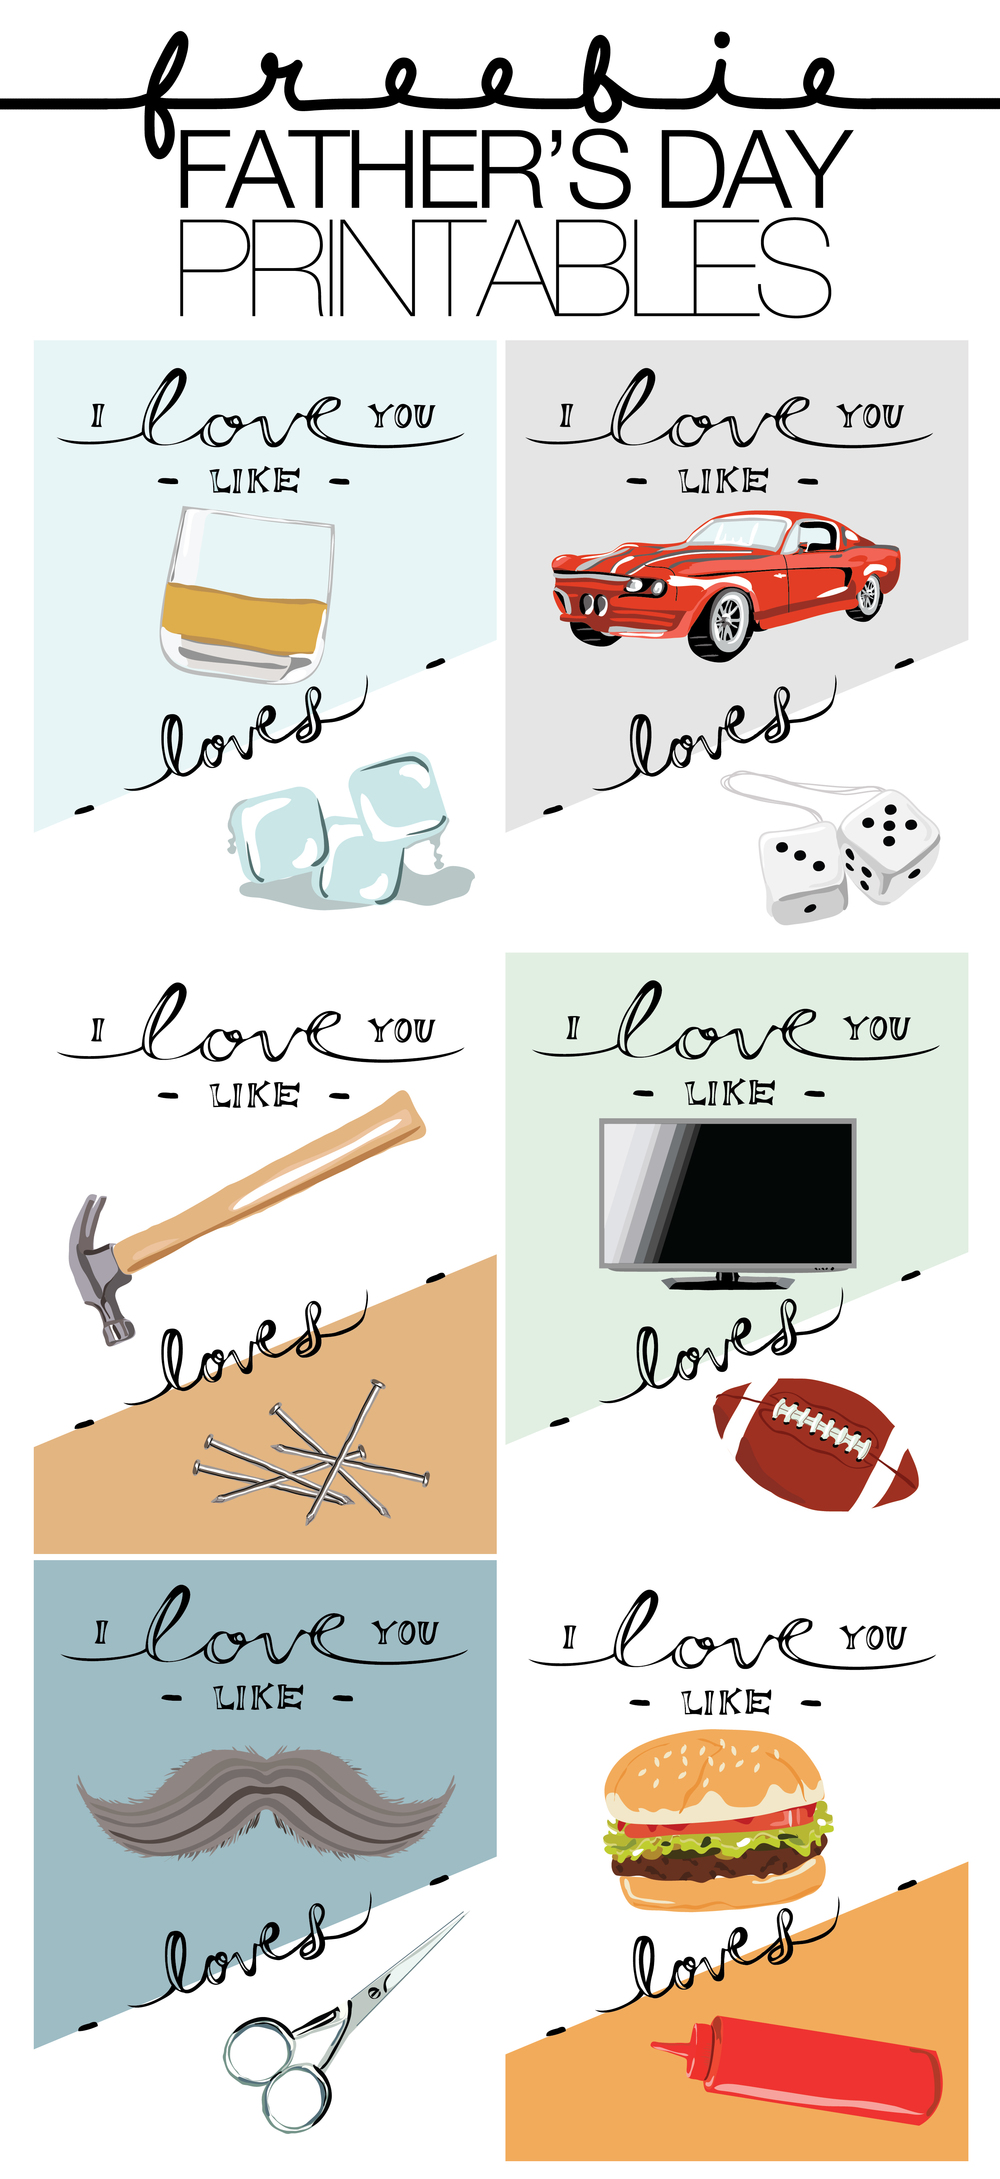 loveyoulike